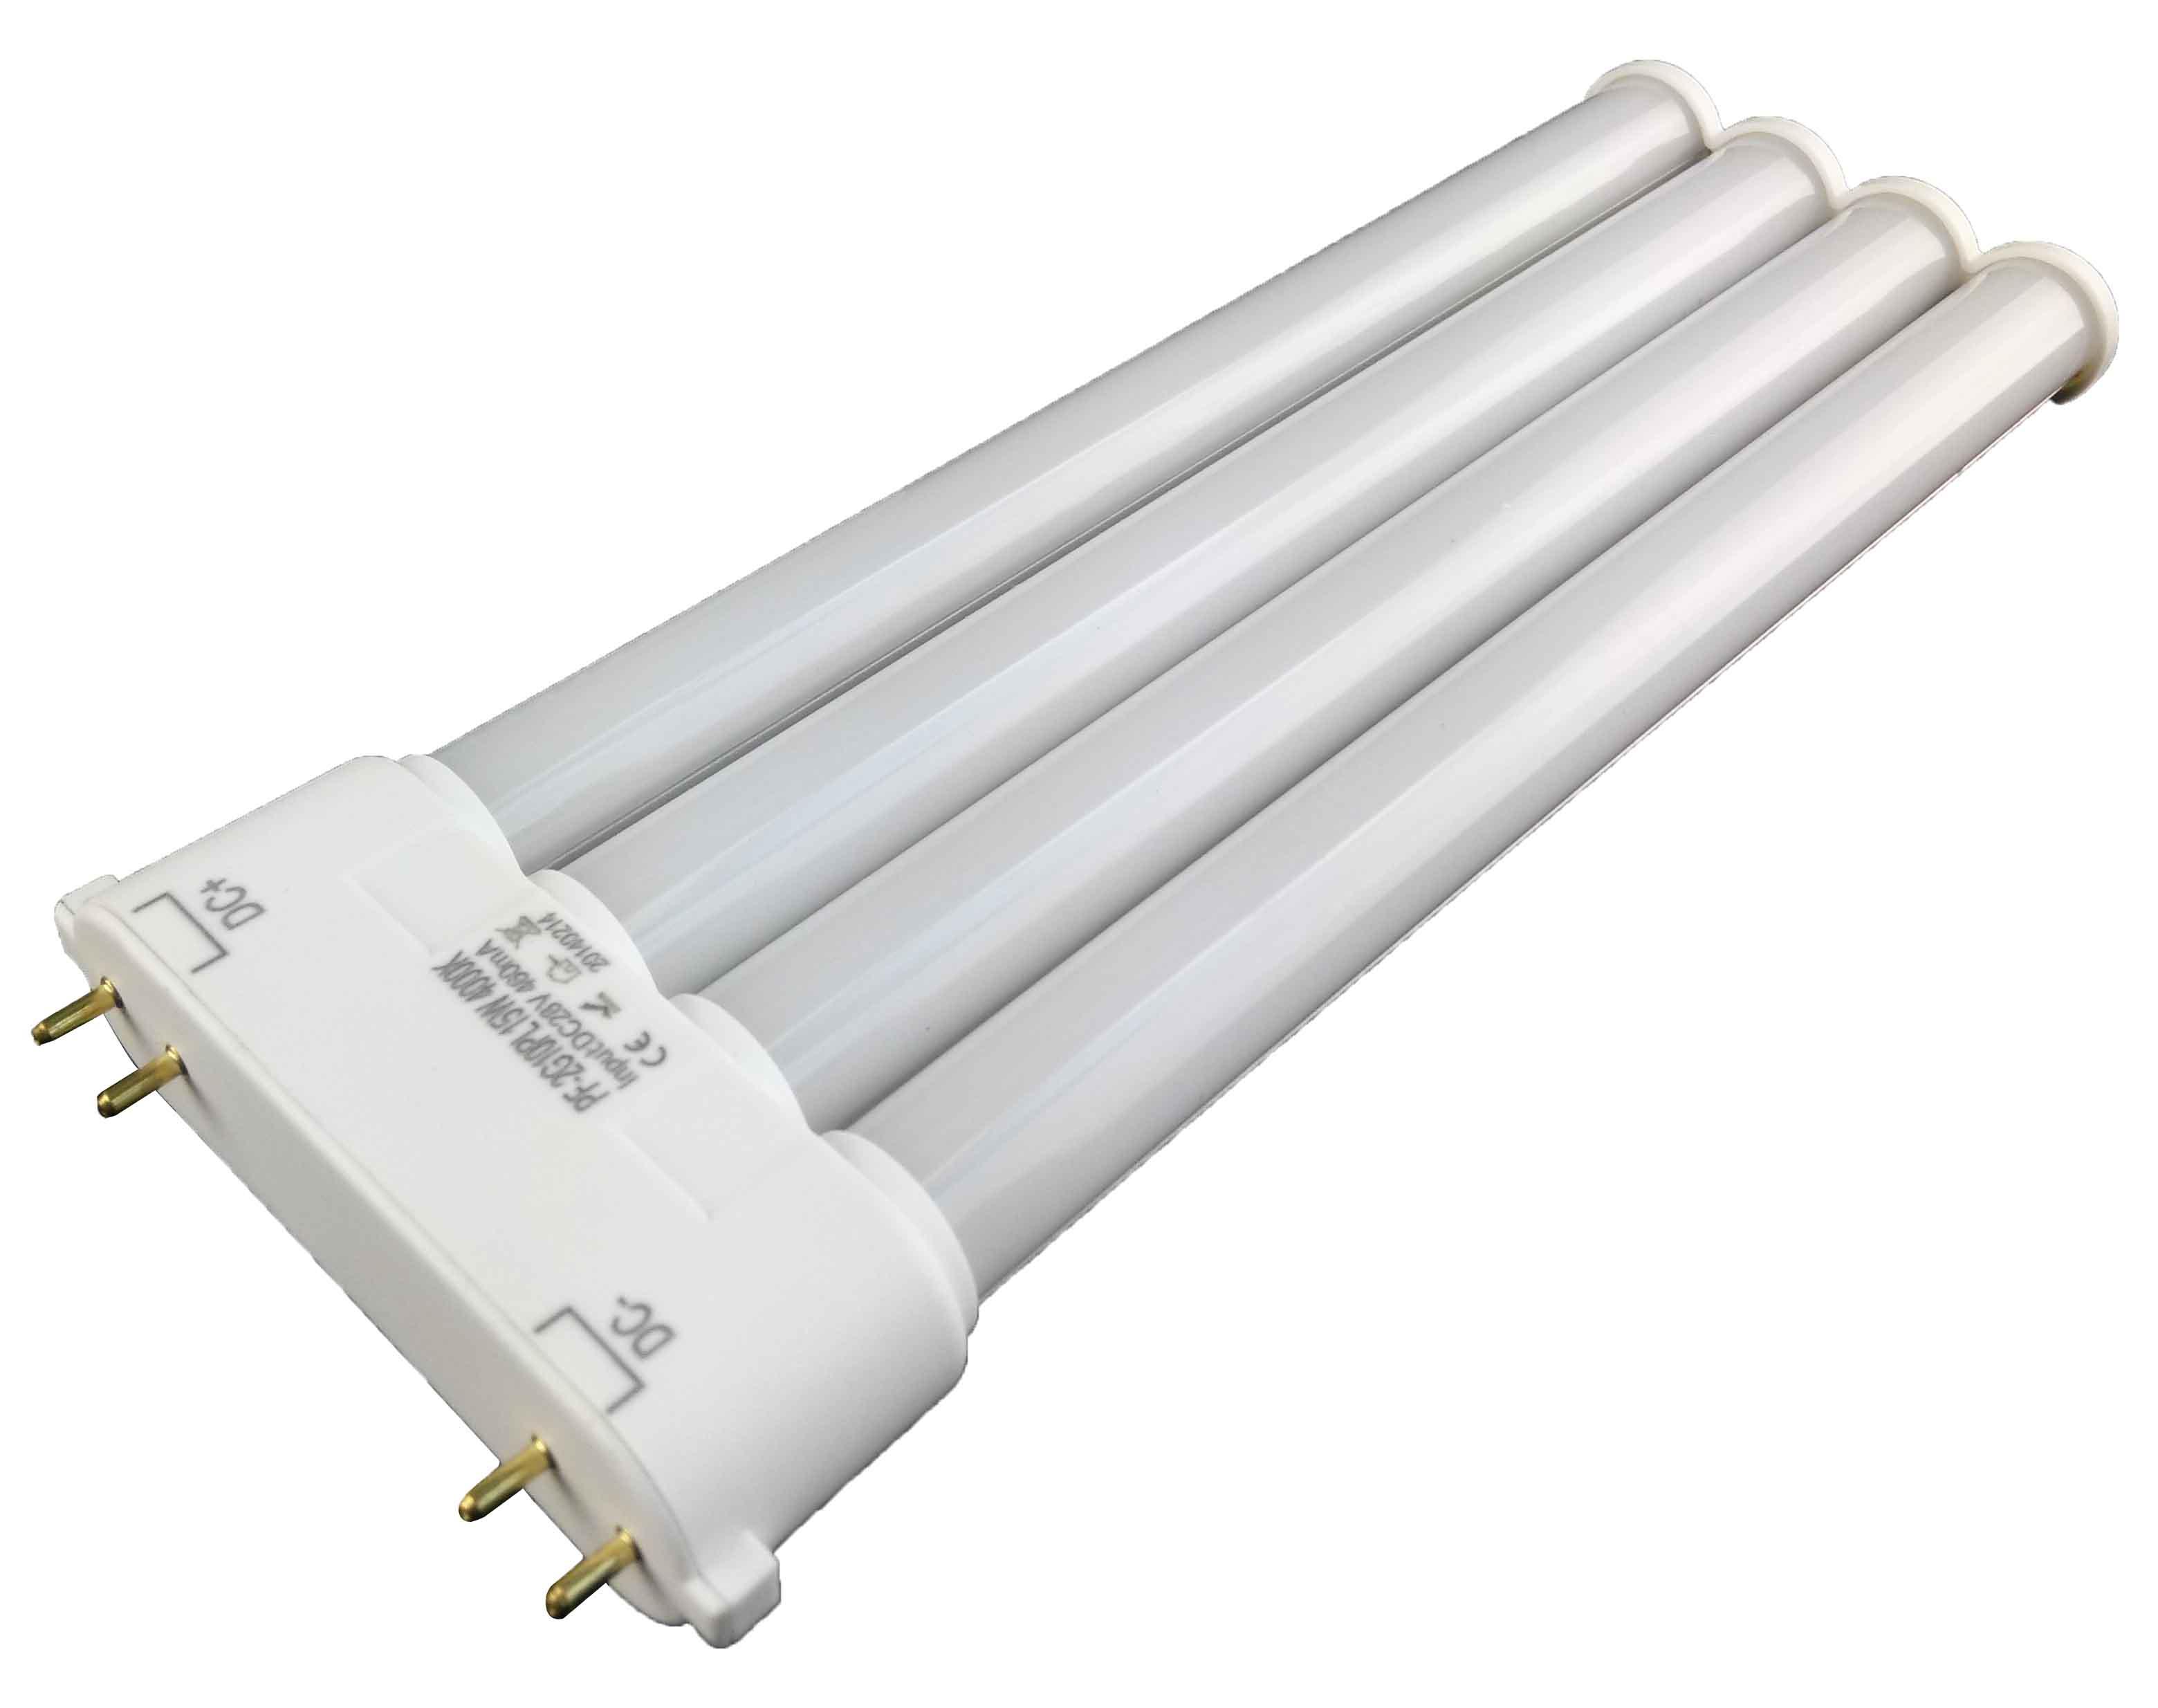 internal-isolated-led-driver-13W-LED-PL Spannende Led Lampen 10 Watt Dekorationen